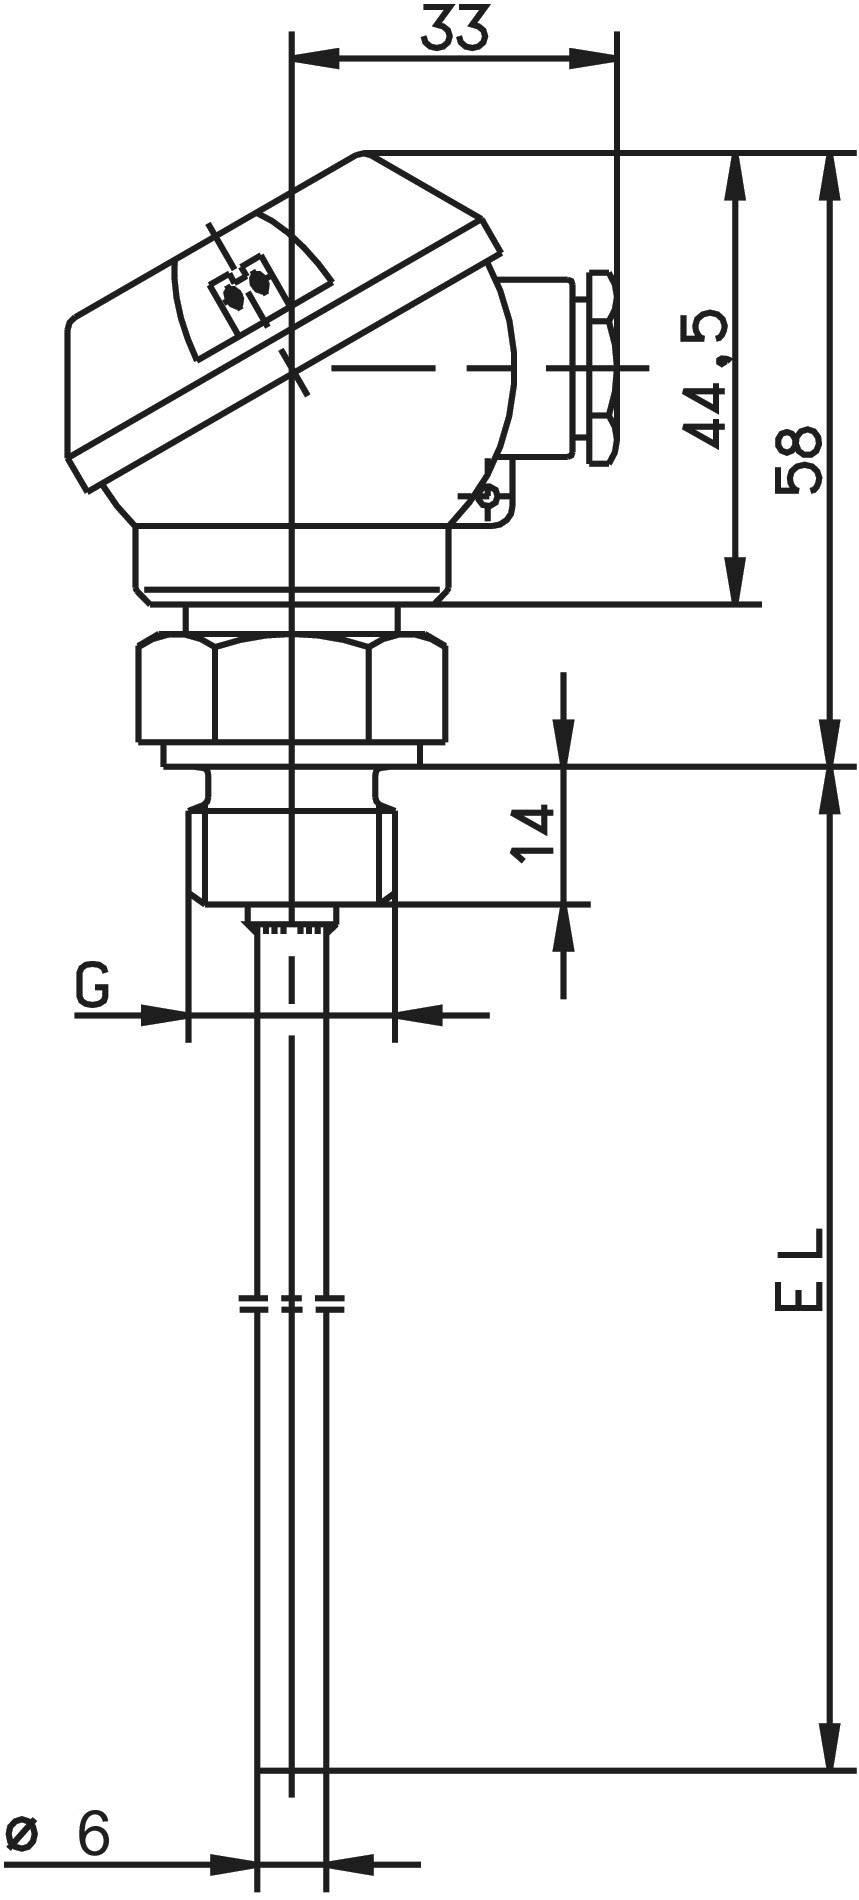 Šroubovací odporový teploměr s výměnnou hlavou Jumo, 150 mm